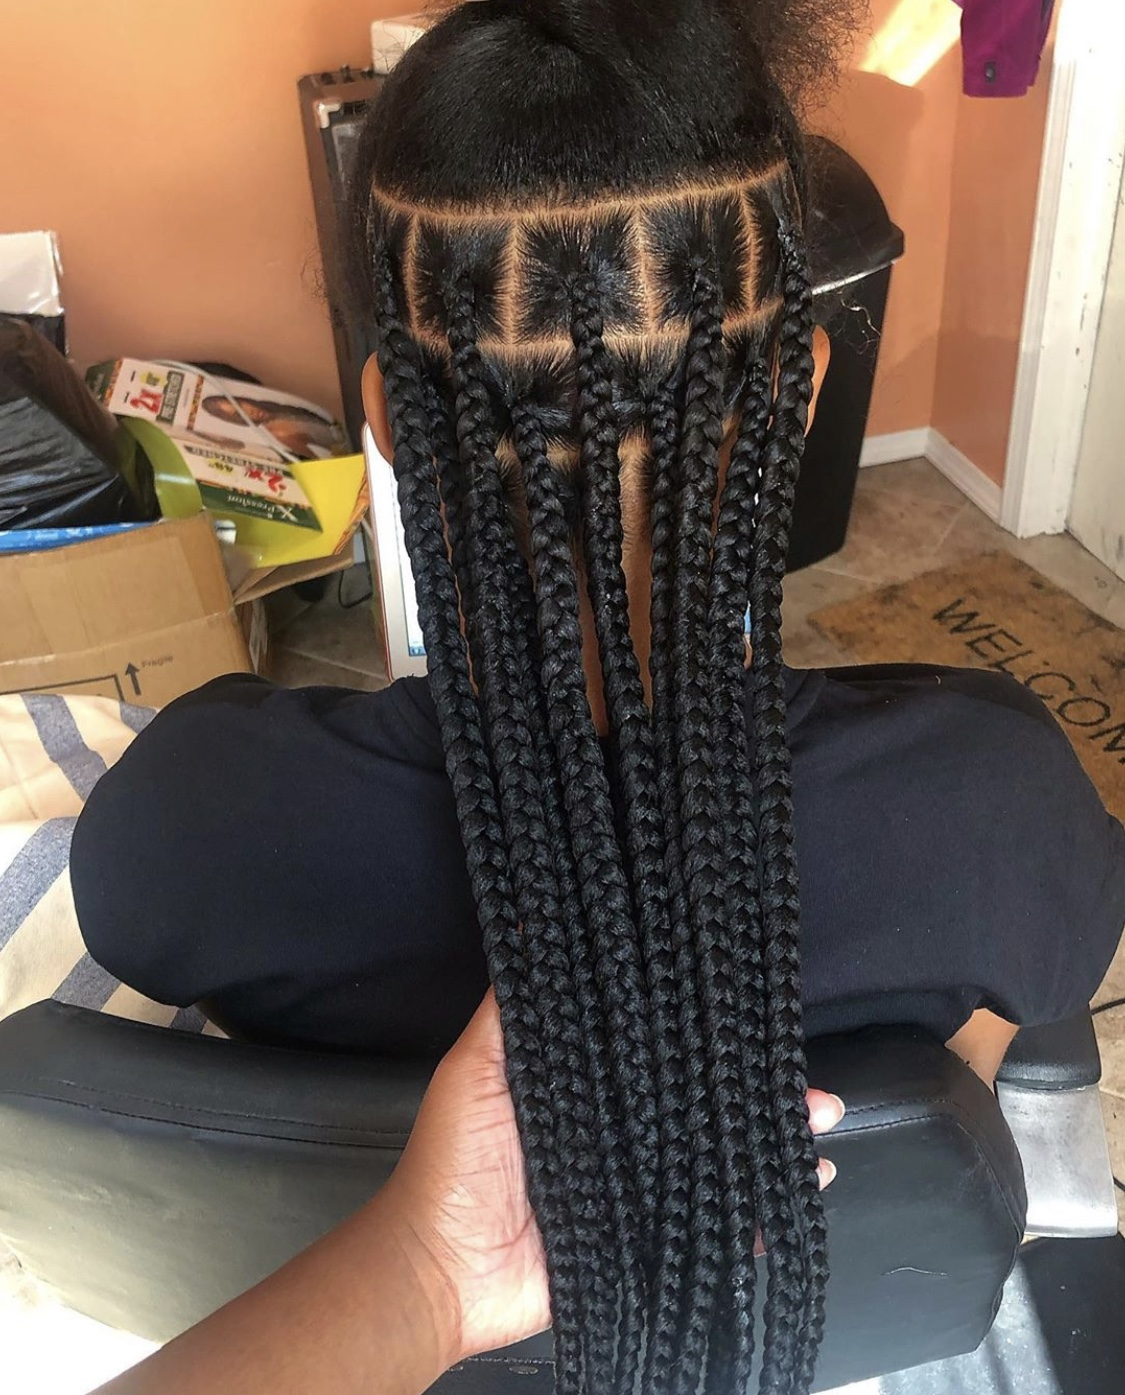 salon de coiffure afro tresse tresses box braids crochet braids vanilles tissages paris 75 77 78 91 92 93 94 95 MEUQEGIE